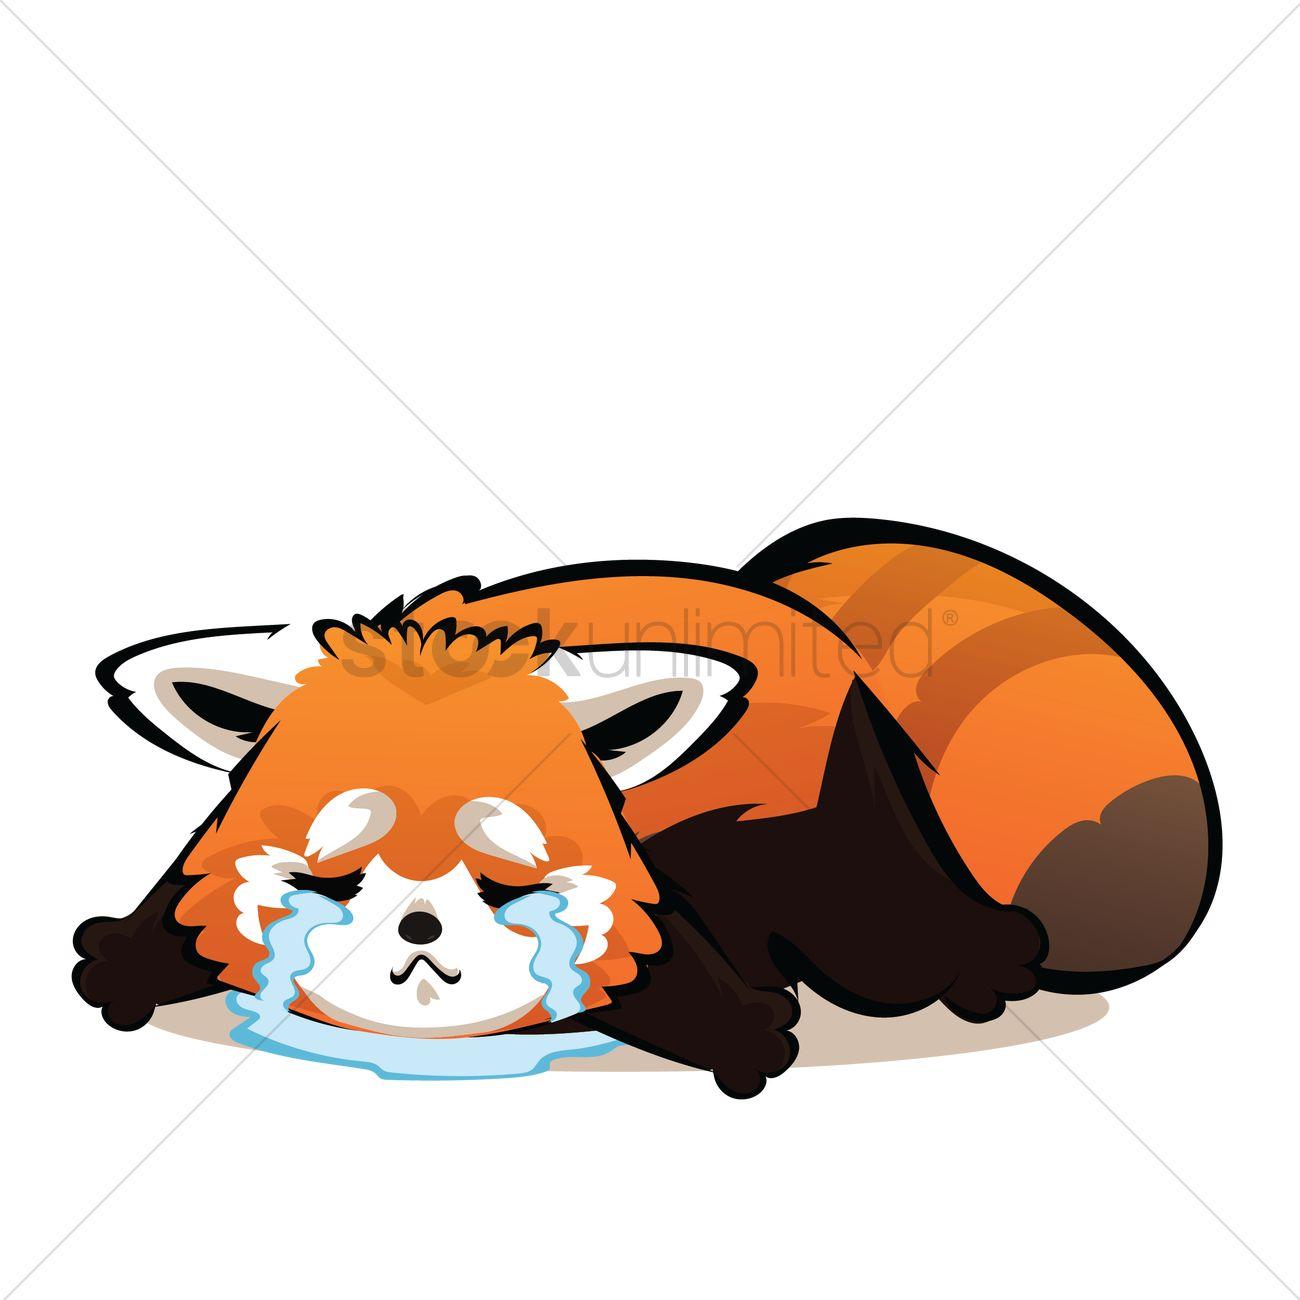 Cartoon Characters Crying : Cartoon red panda crying vector image